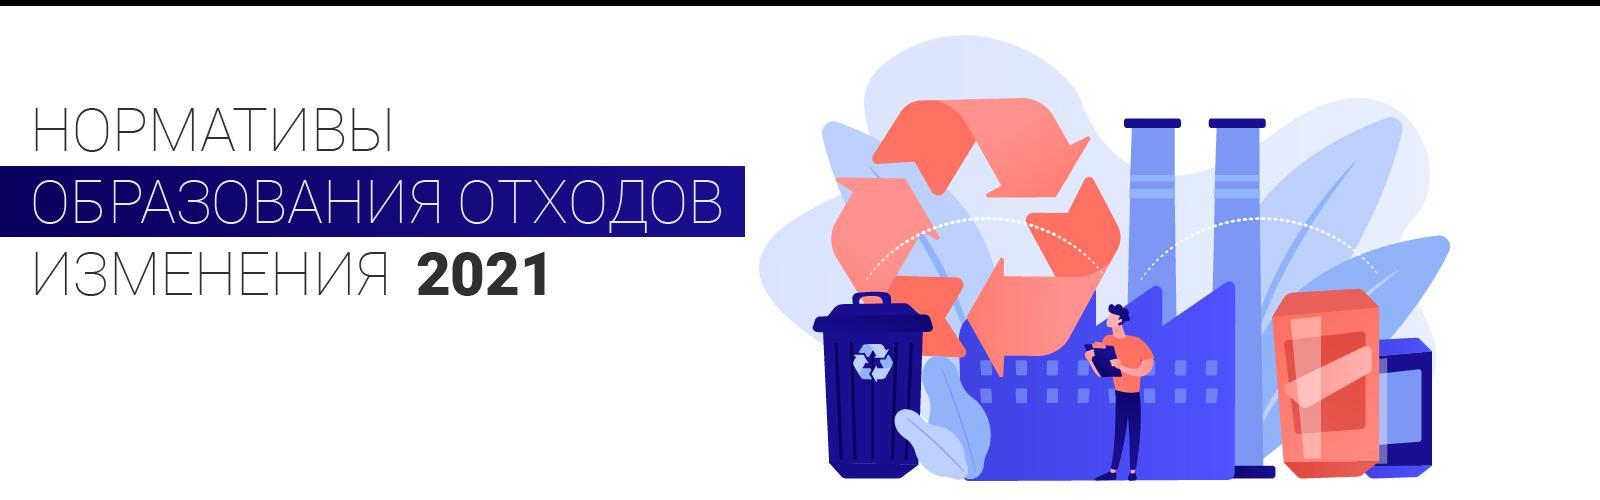 Нормативы образования отходов: изменения в 2021 году